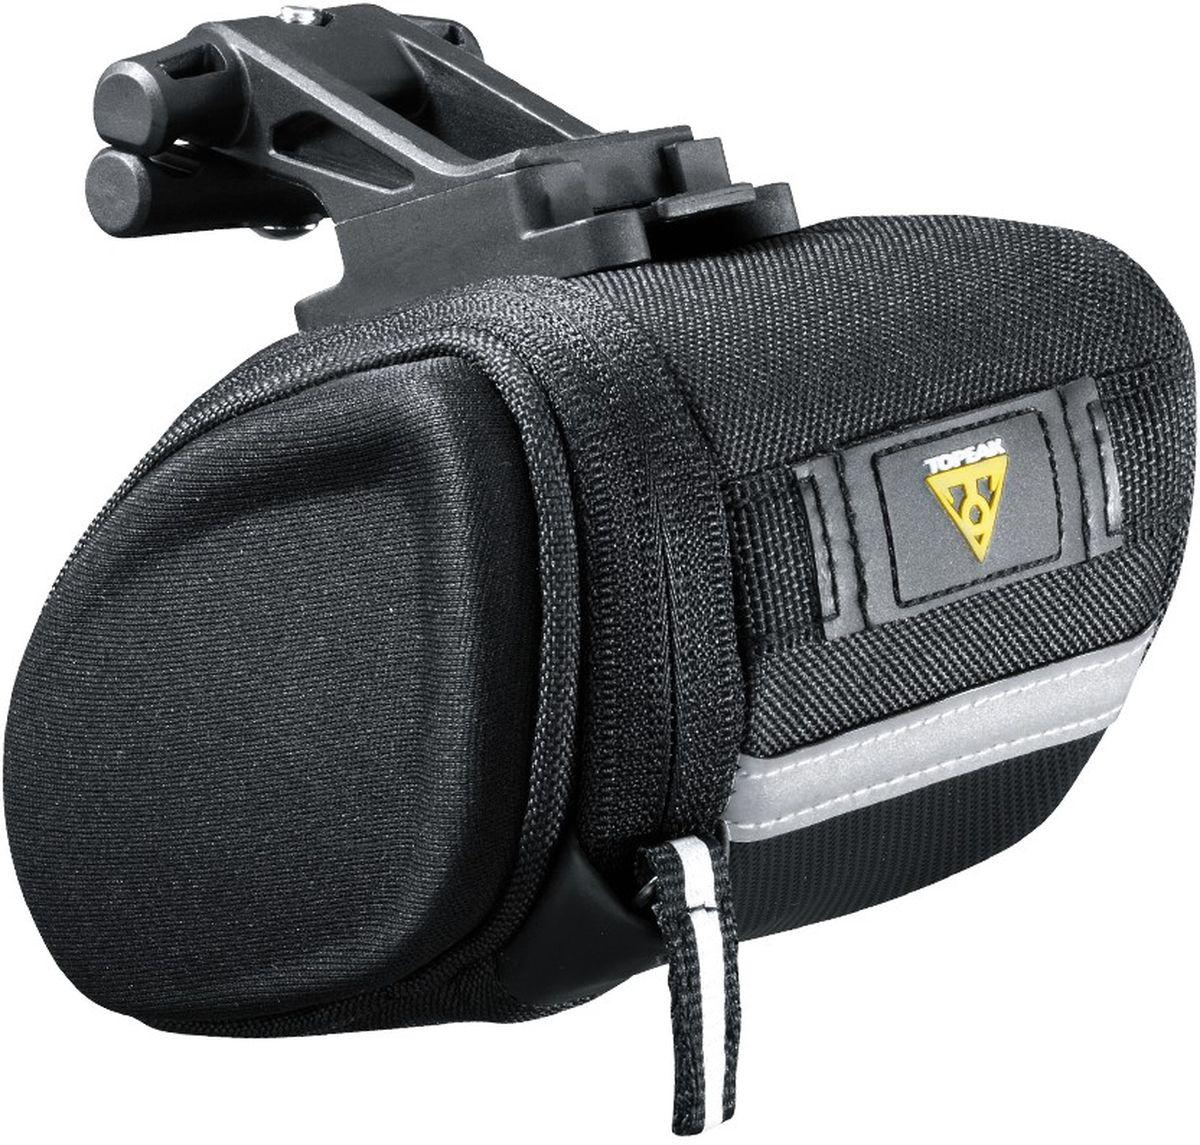 Сумка велосипедная TOPEAK SideKick Wedge Pack, с креплением F25TC2281BКрепления F25 TC2281B маленький Topeak. Новая конструкция плоской клиновидной сумки – формированные боковые стенки с гибкой и прочнейшей тканью посередине. Боковой отсек удобно расположен и позволяет легко получить доступ ко всему содержимому. Внутренние кармашки помогут Вам разместить ключи, набор инструментов или важные документы.